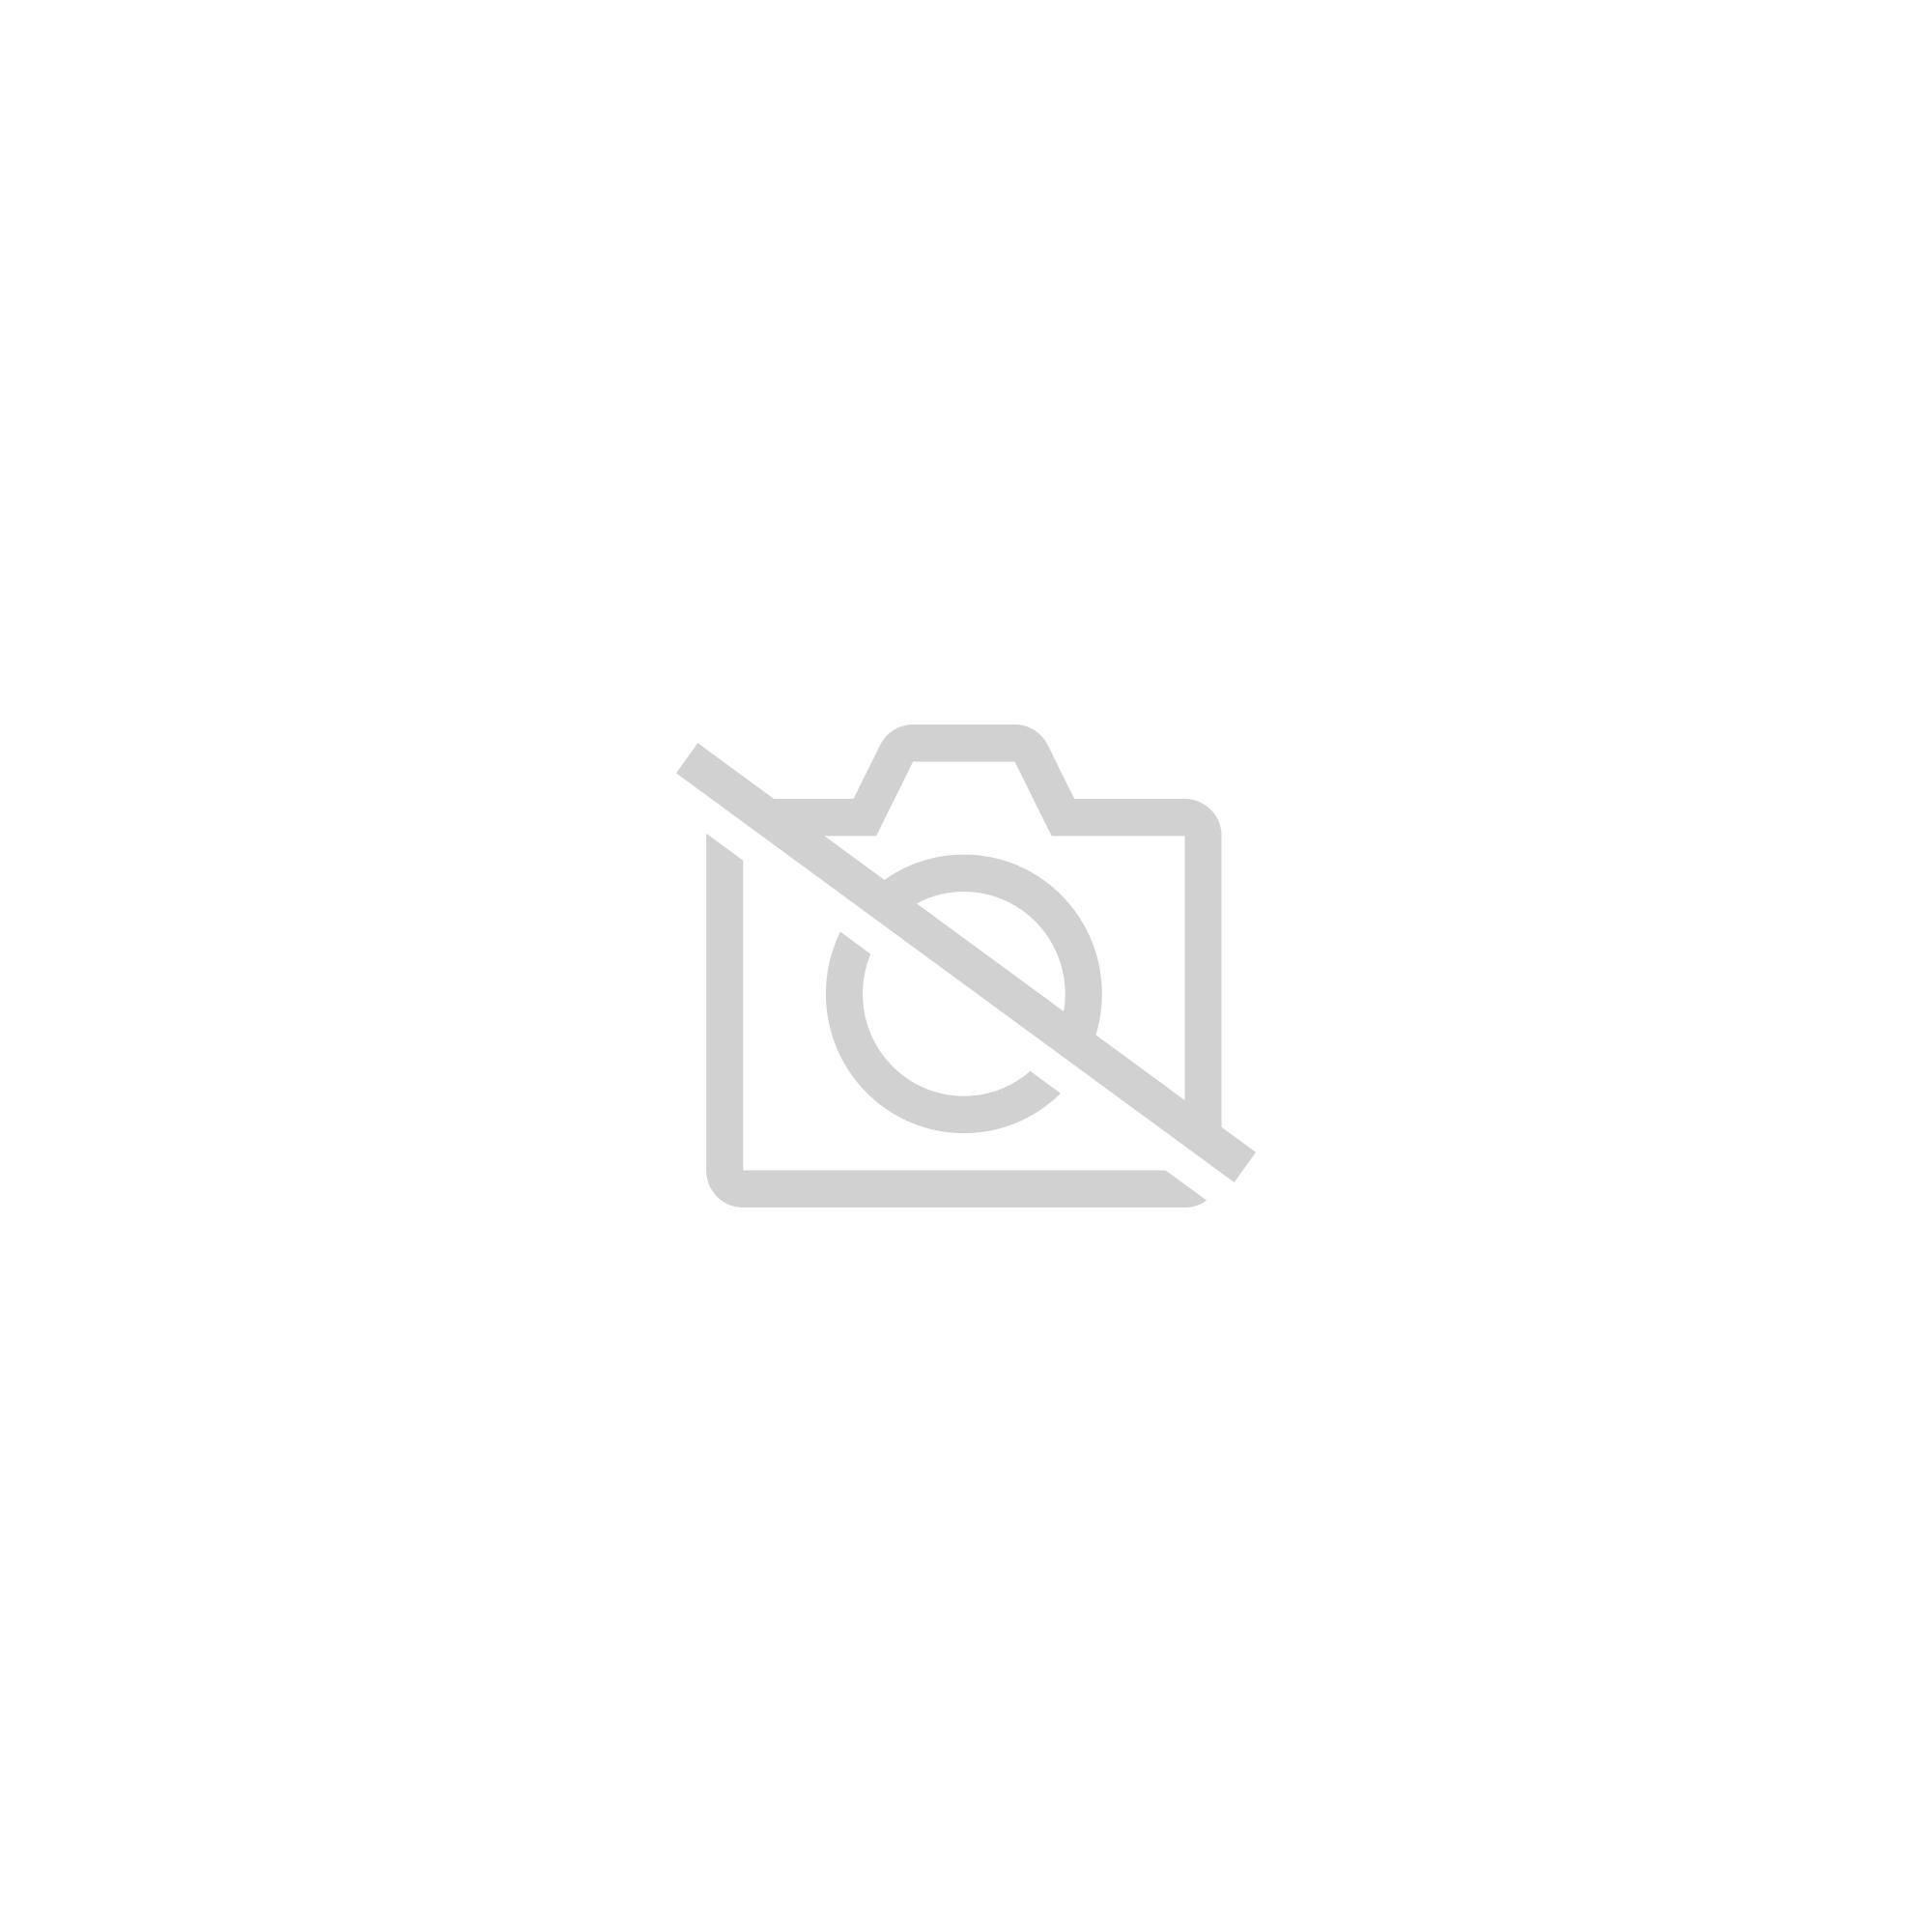 alarme sticker pour vitres auto 9 stickers achat et vente. Black Bedroom Furniture Sets. Home Design Ideas